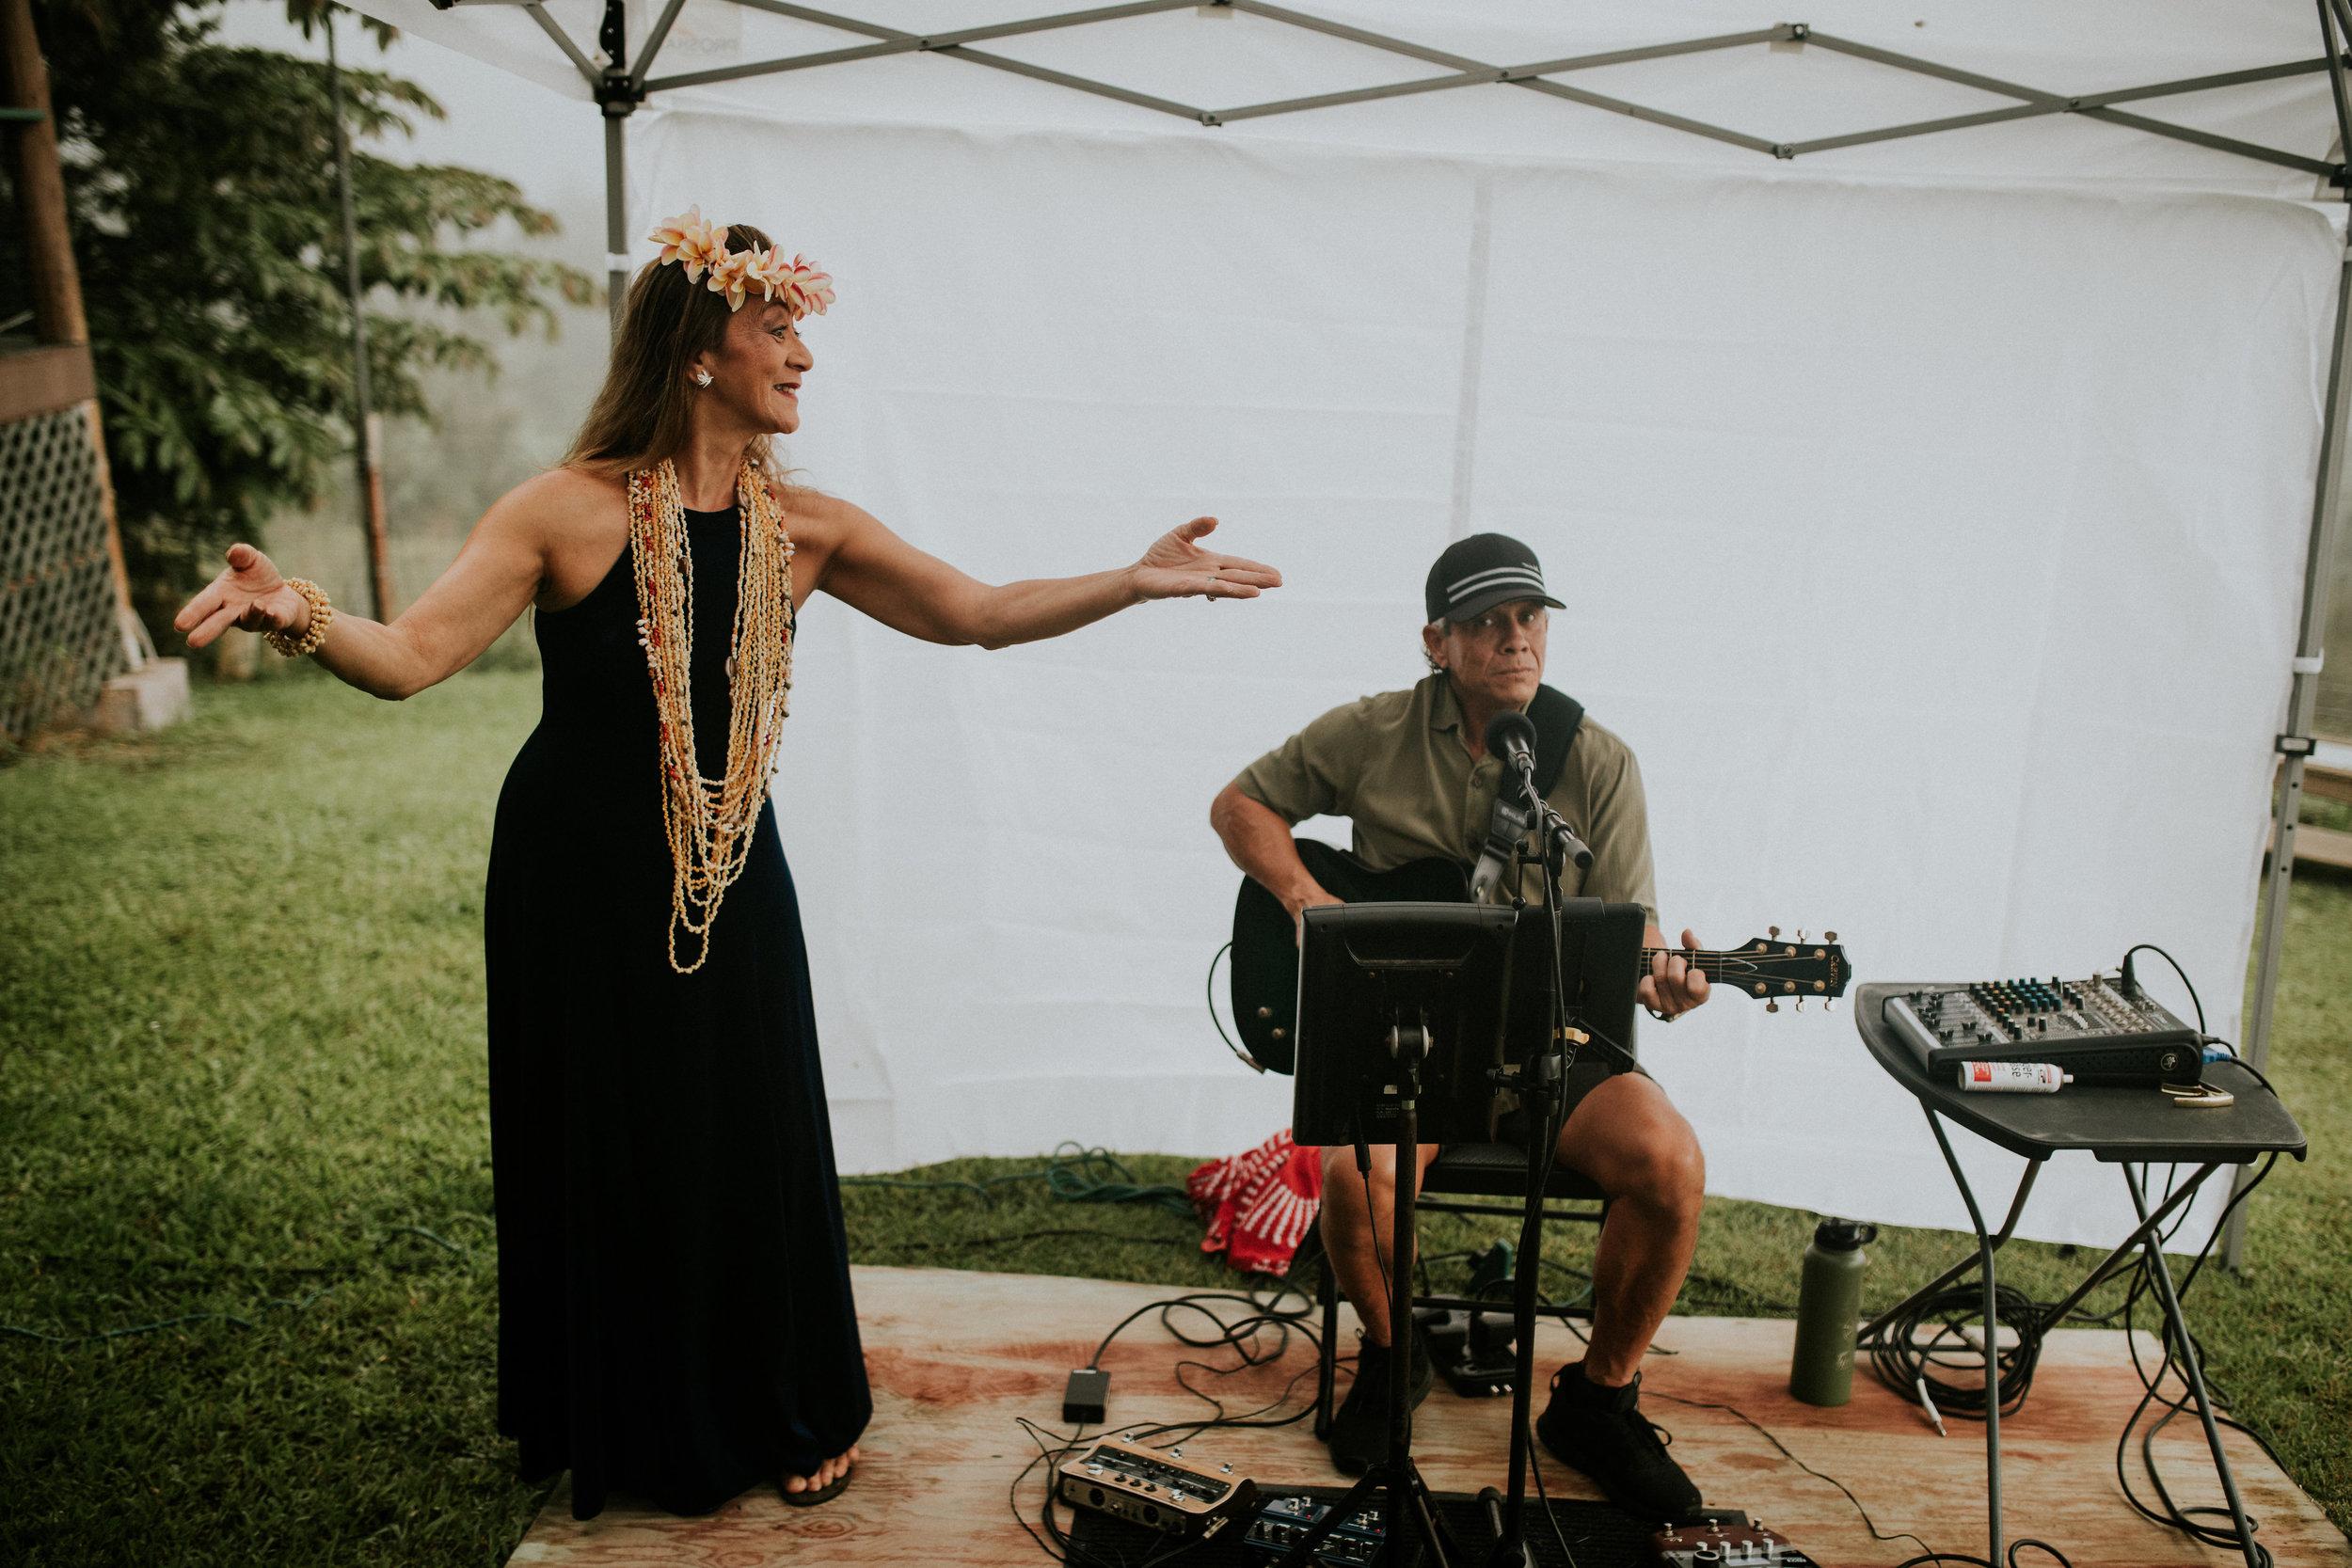 Kevin Teves and Pua Kaahanui